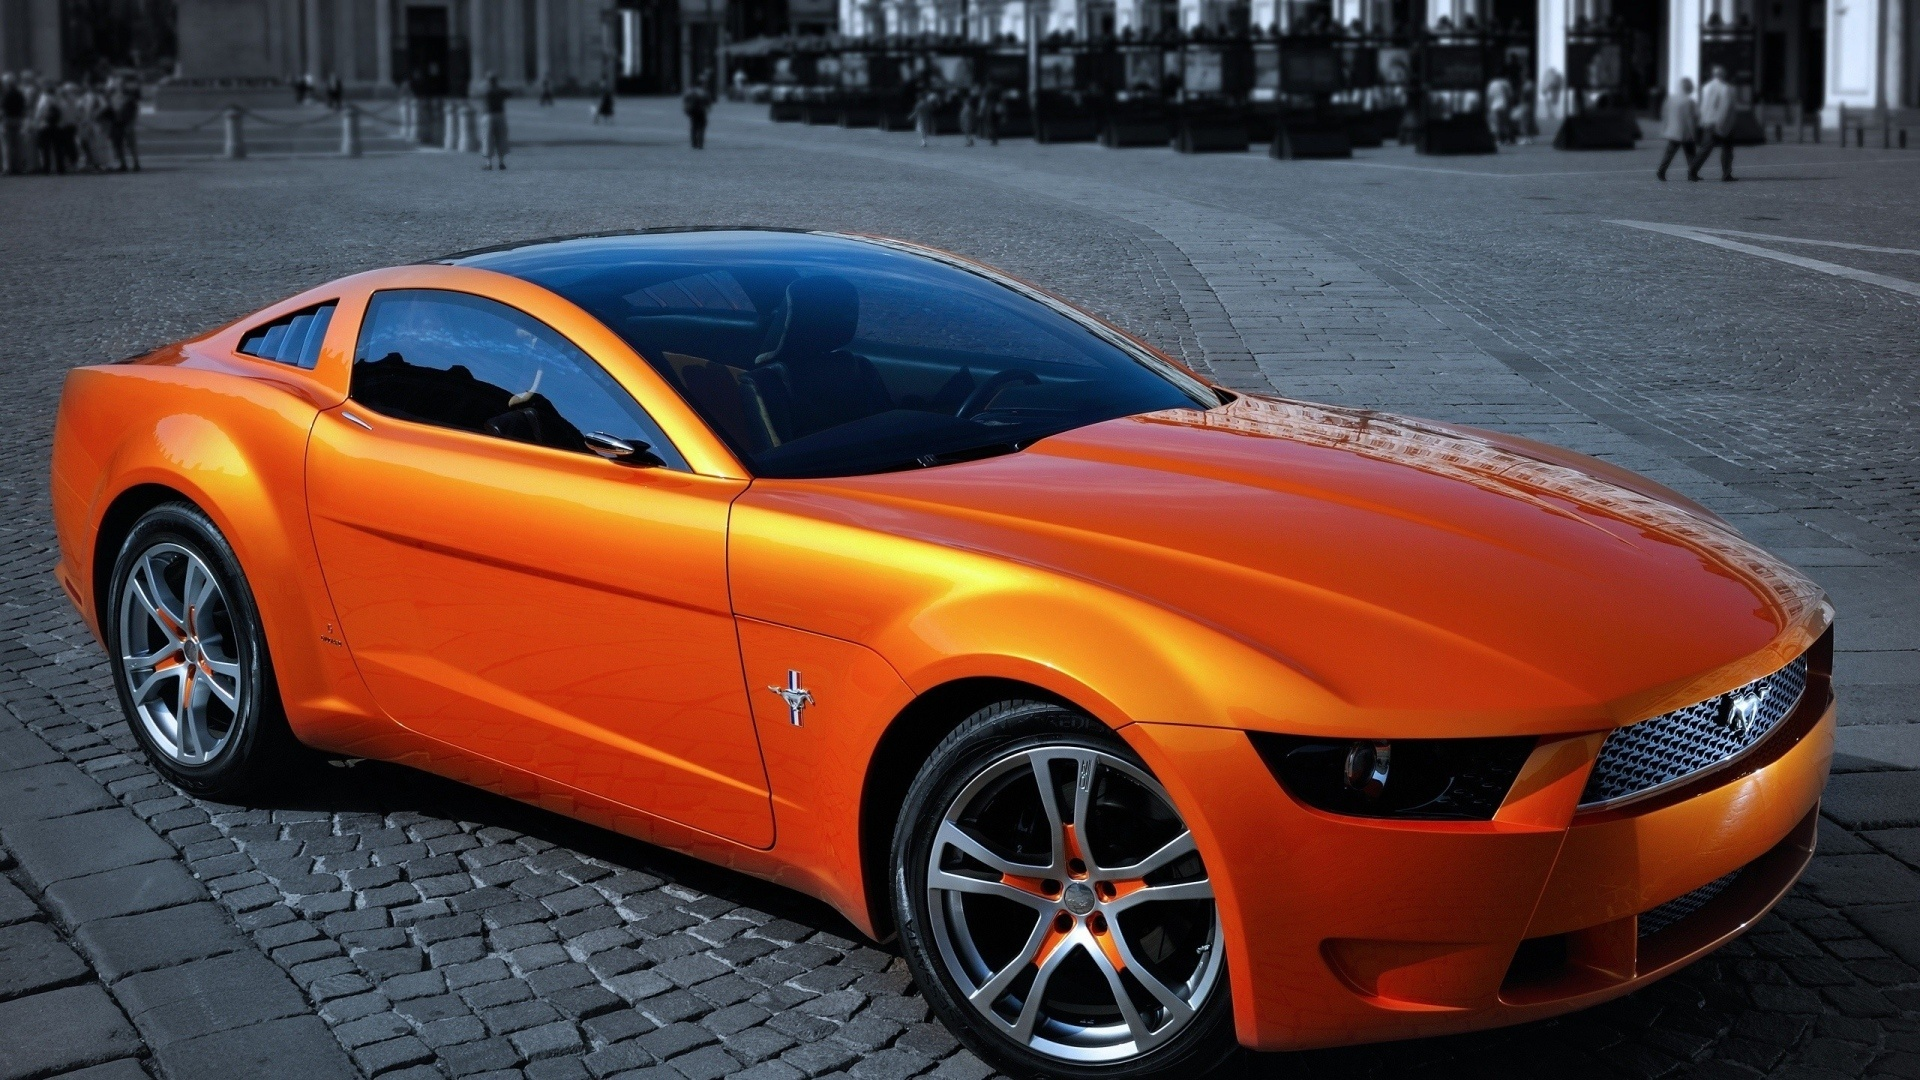 Оранжевые спортивные машины картинки